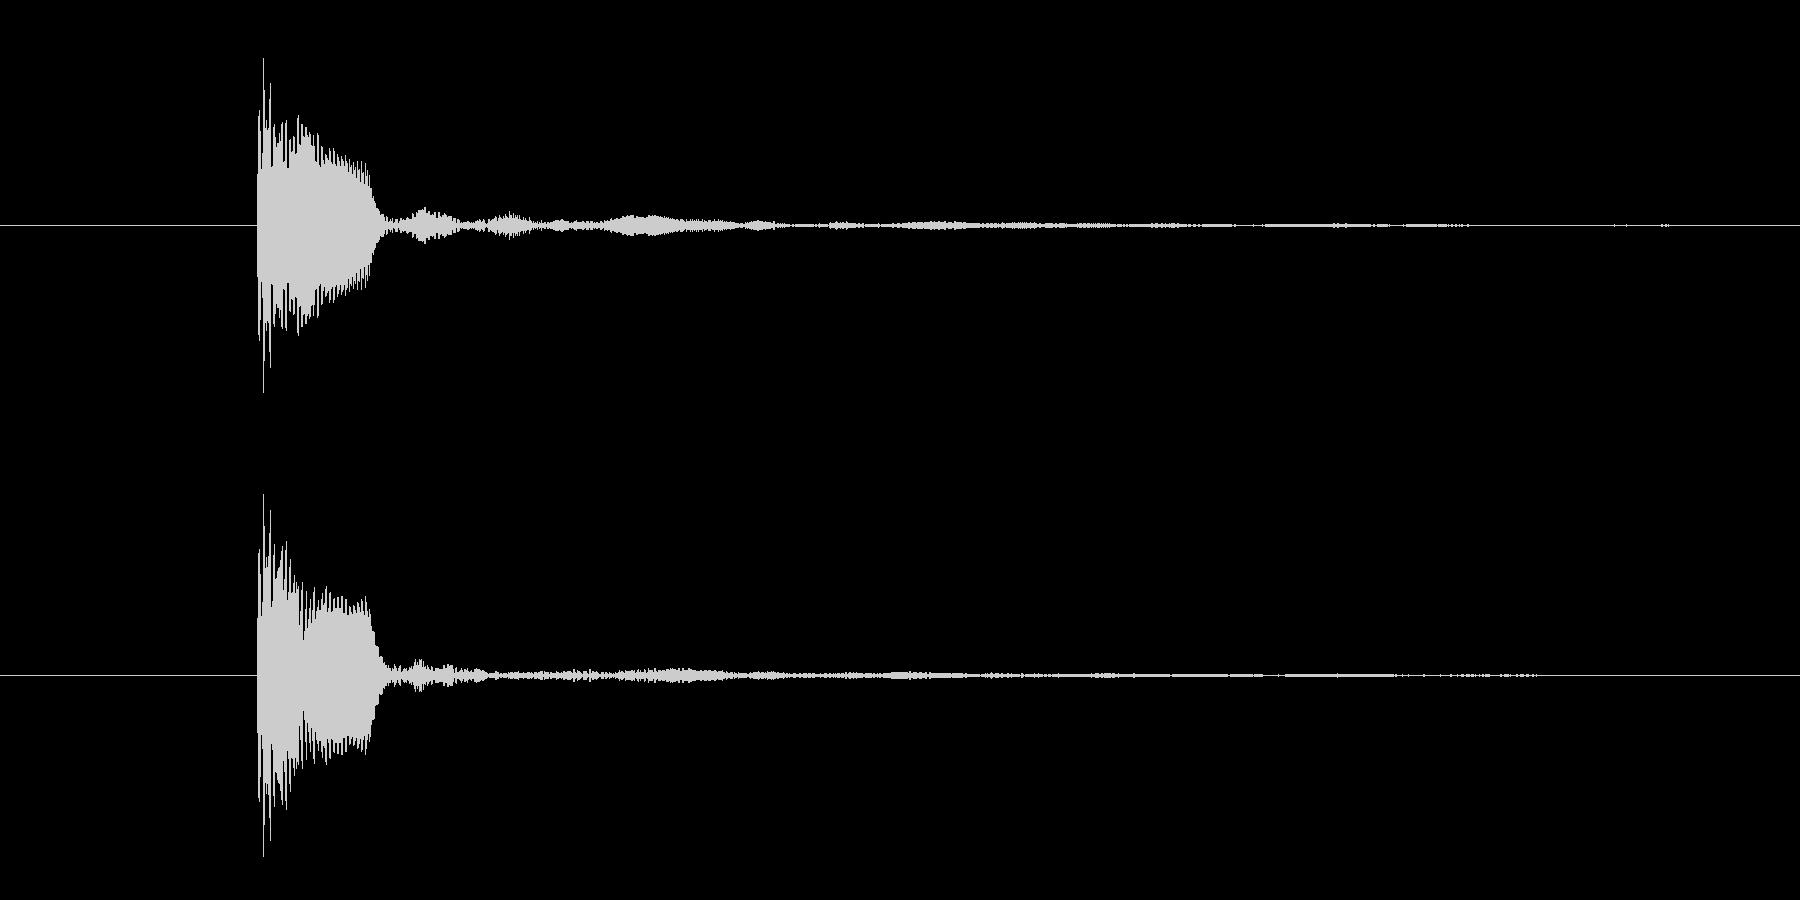 「ポンッ」 丸みのあるボタン音の未再生の波形